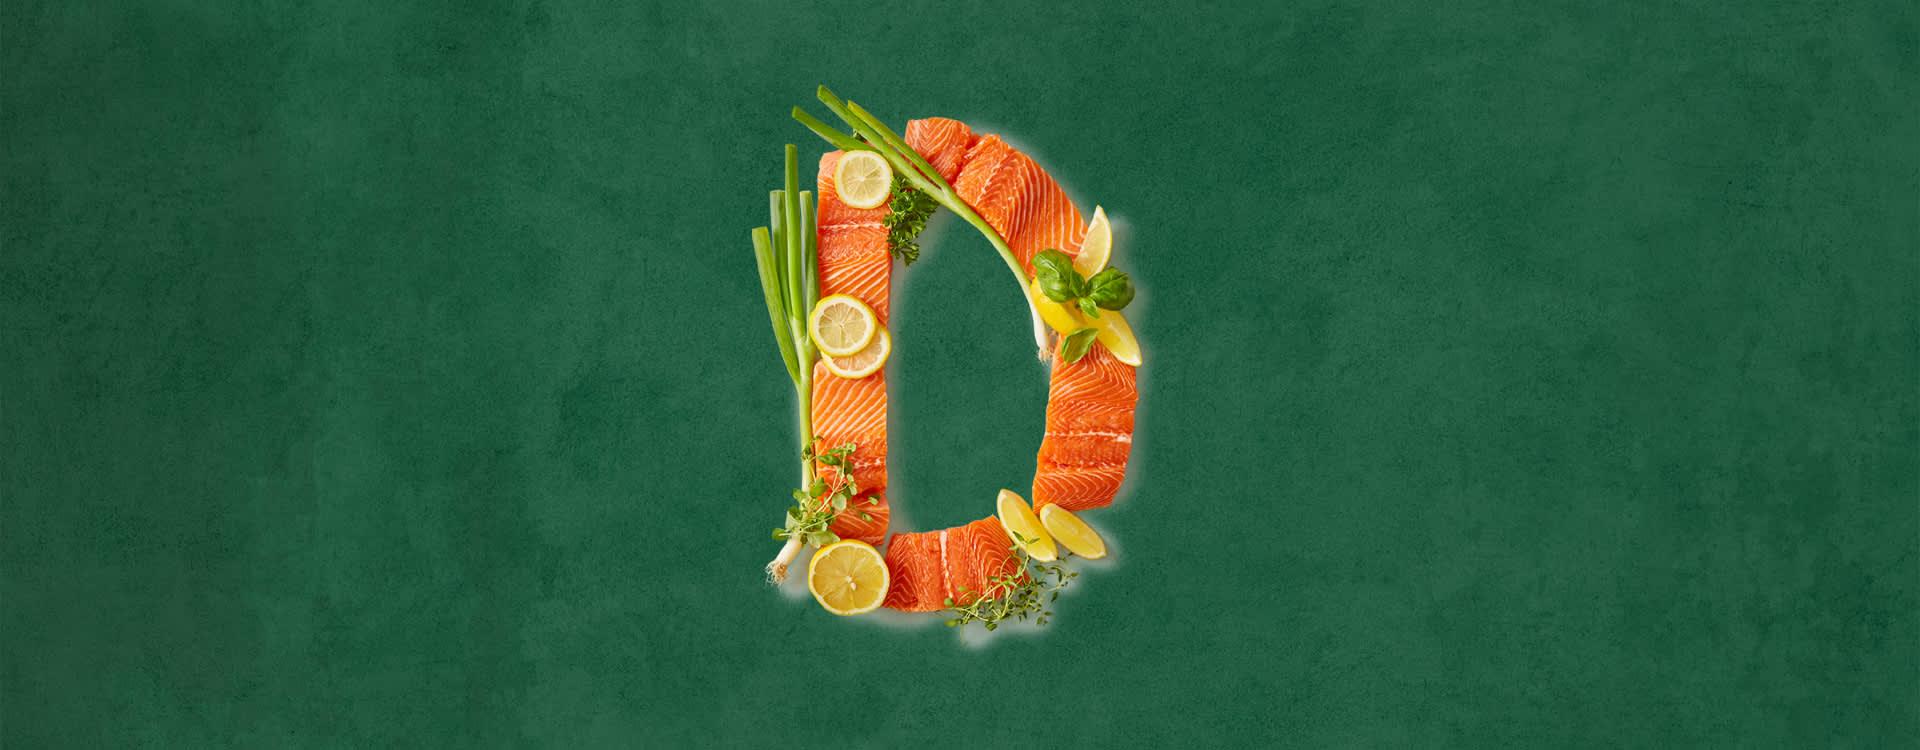 D-vitamin får vi naturlig i alt for lite av. Derfor er det viktig at vi får i oss mengden vi trenger daglig gjennom maten vi spiser.